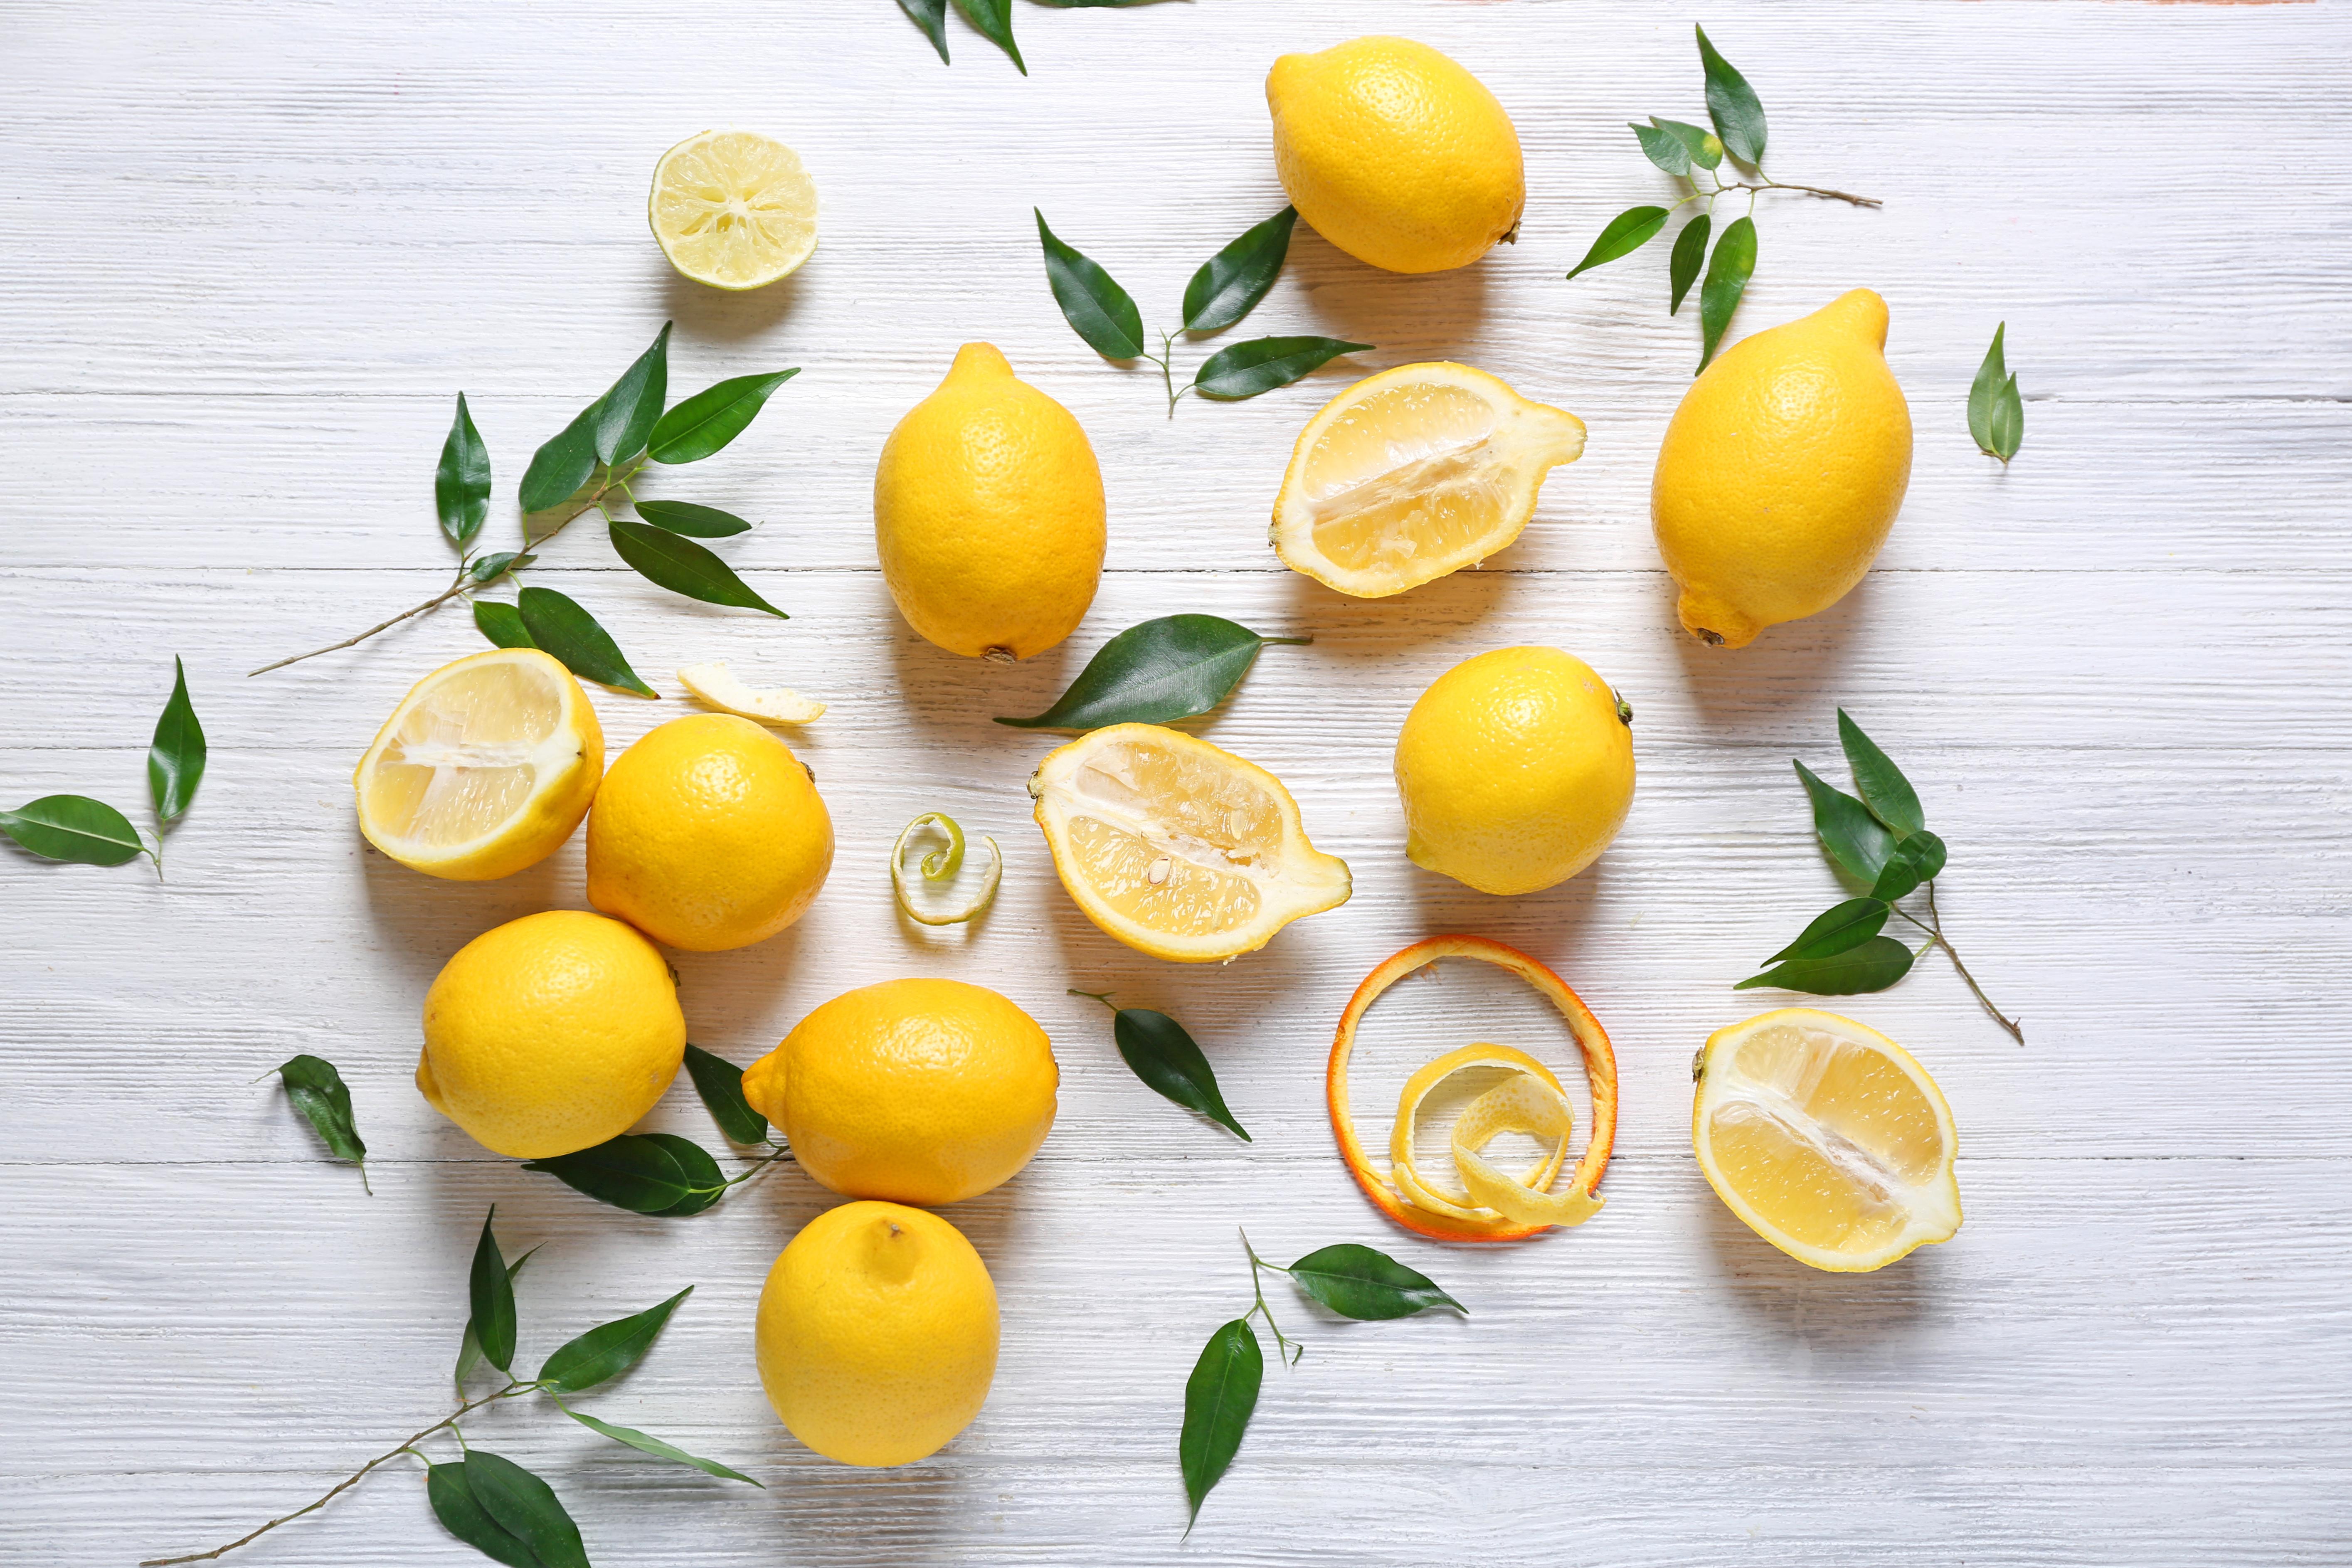 Leven met lipoedeem || Neem een citroen als je zuur wilt zijn